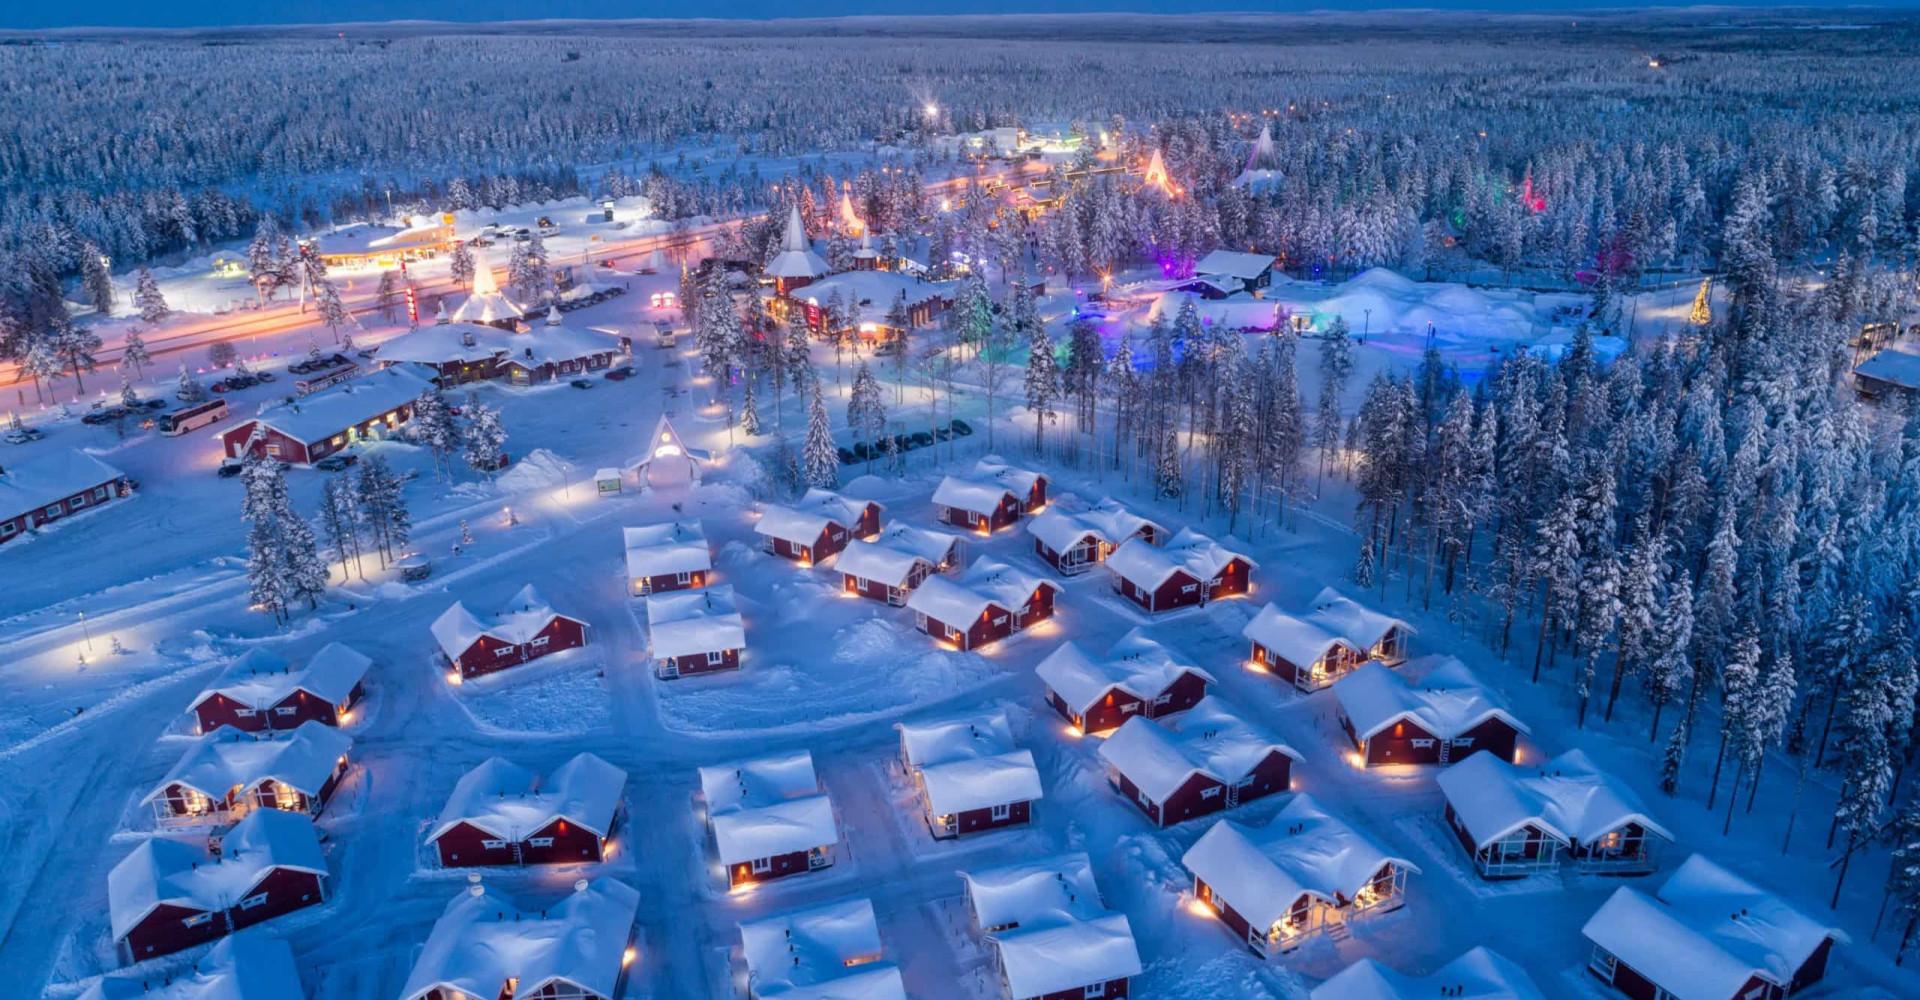 Vier Kerstmis in Lapland: het ultieme winterwonderland!